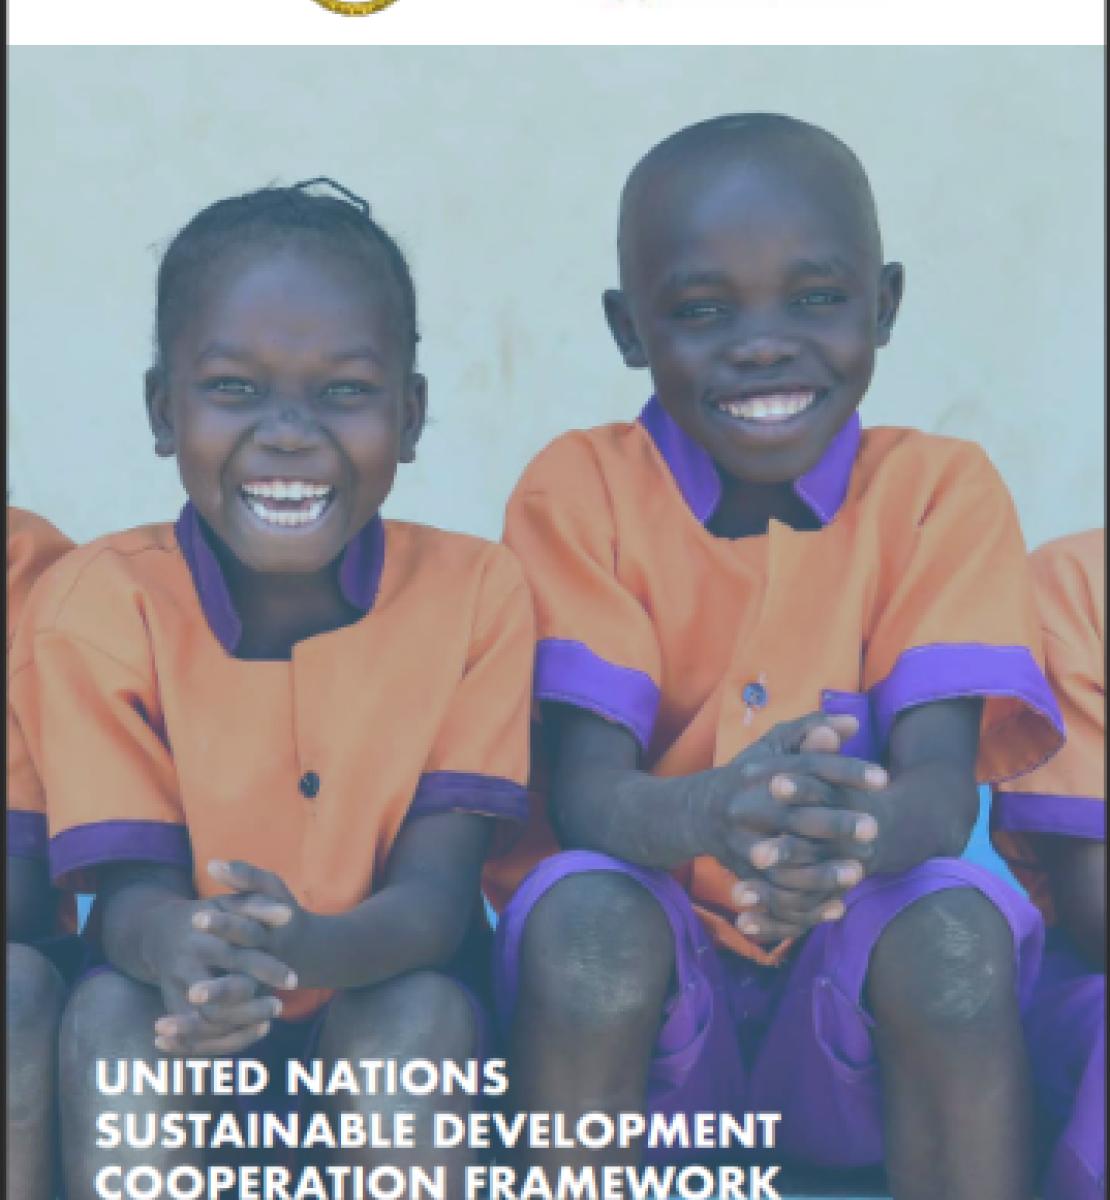 يُظهر الغلاف طفلين مبتسمين يرتديان الزي المدرسي يجلسان أمام الكاميرا، العنوان في أسفل الصفحة، وشعار الحكومة وفريق الأمم المتحدة القطري في الأعلى.